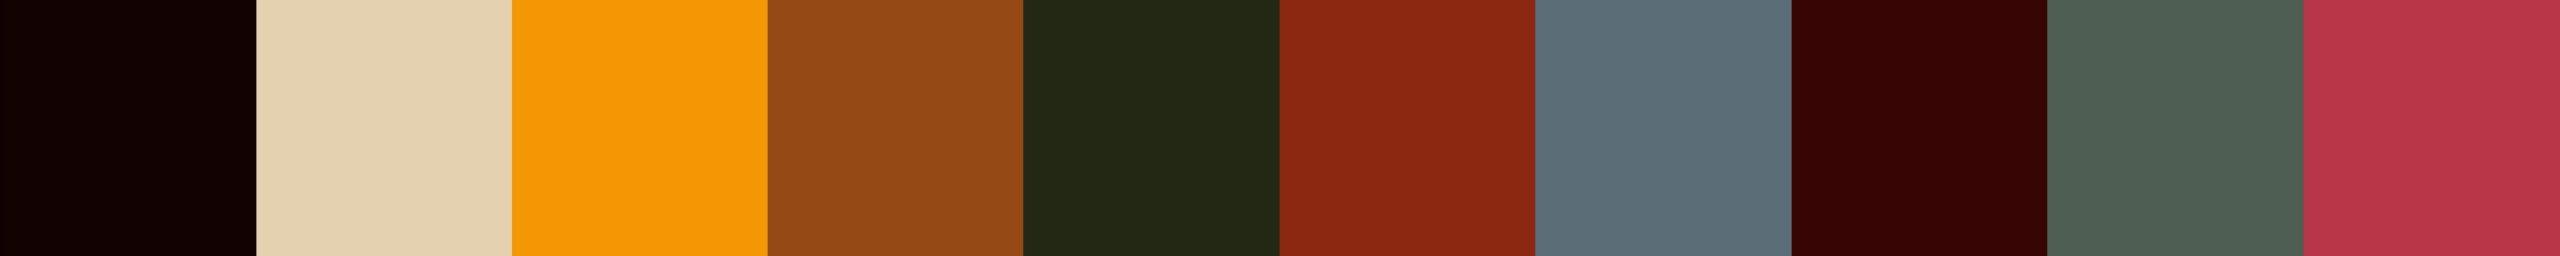 33 Fabiaza Color Palette